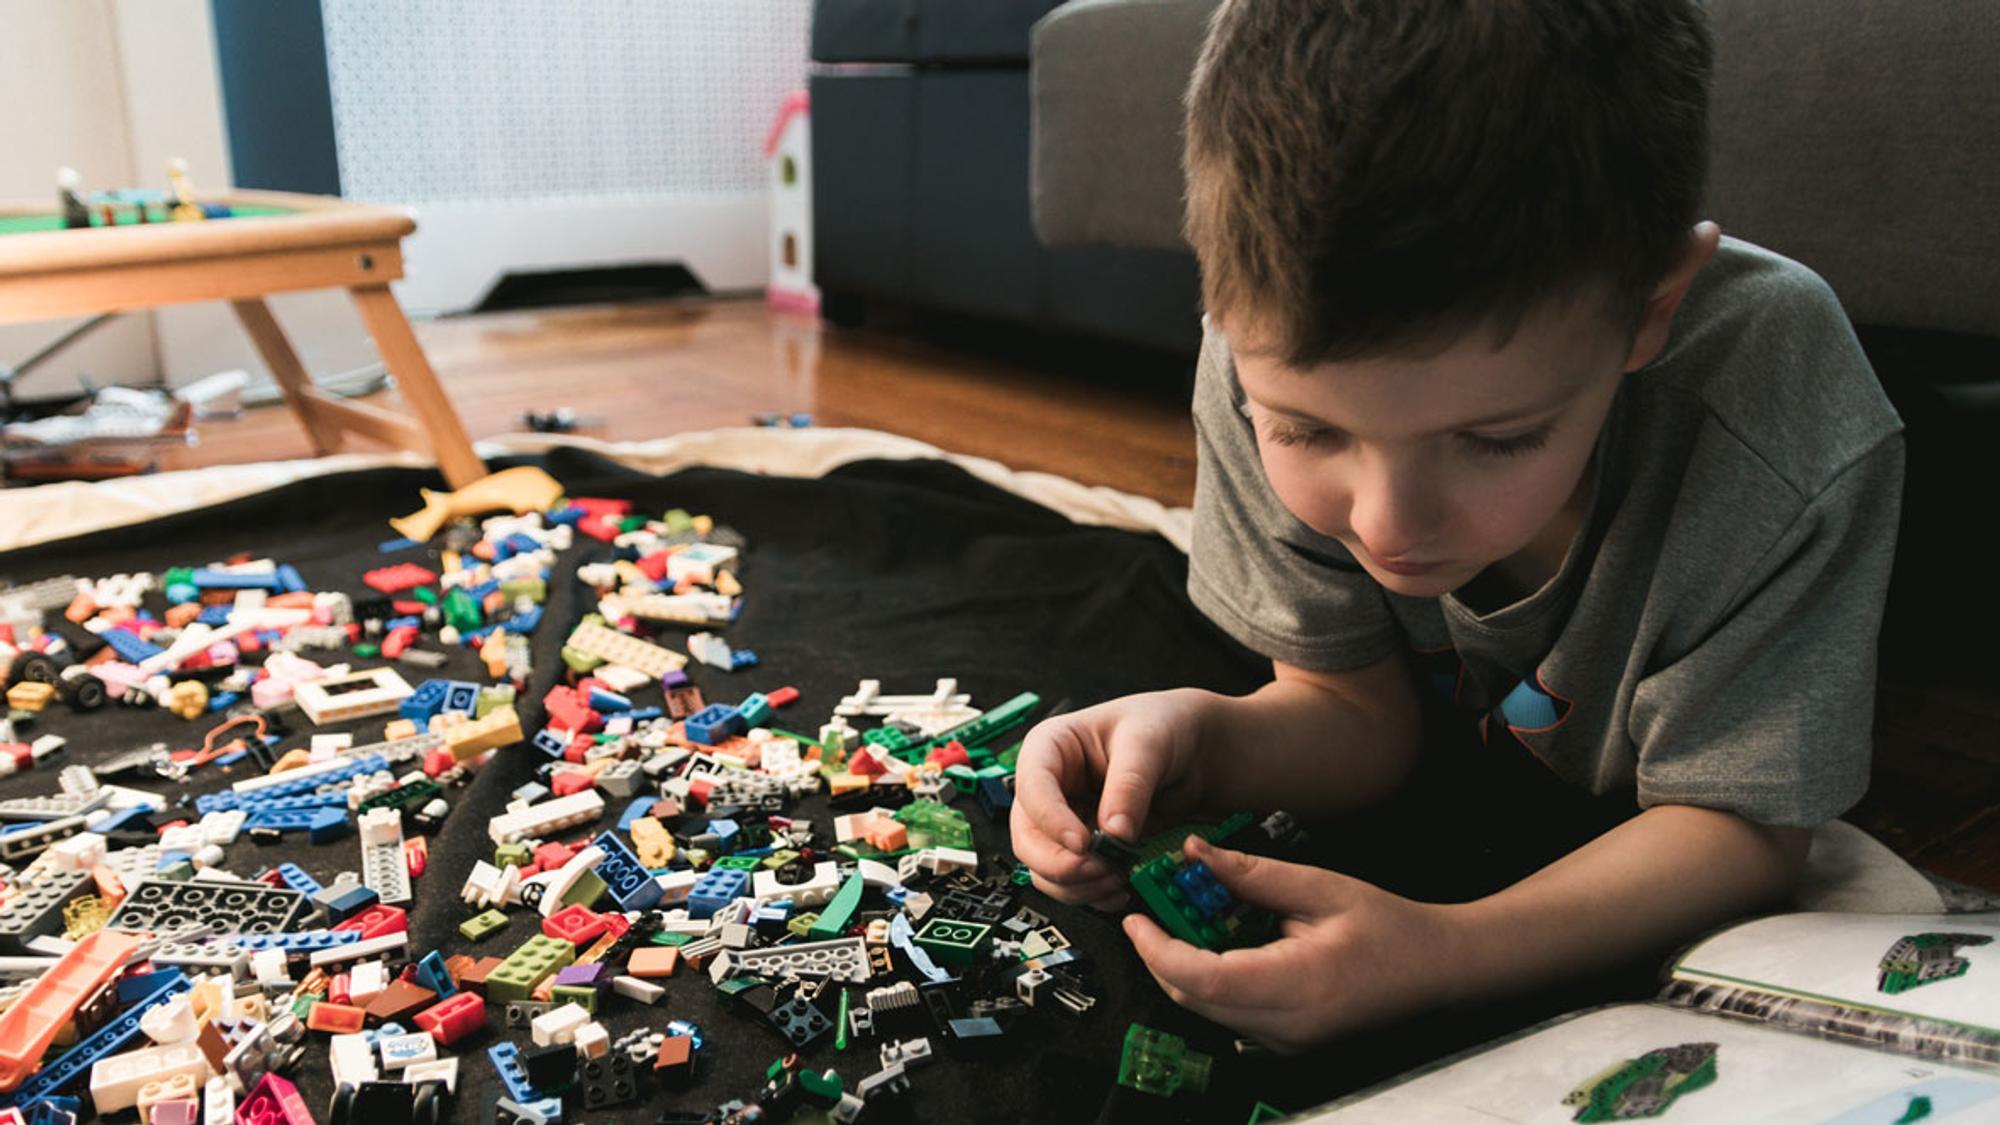 Mit spielerischen Konzentrationsübungen können Kinder ihre Konzentration steigern und Spaß haben.